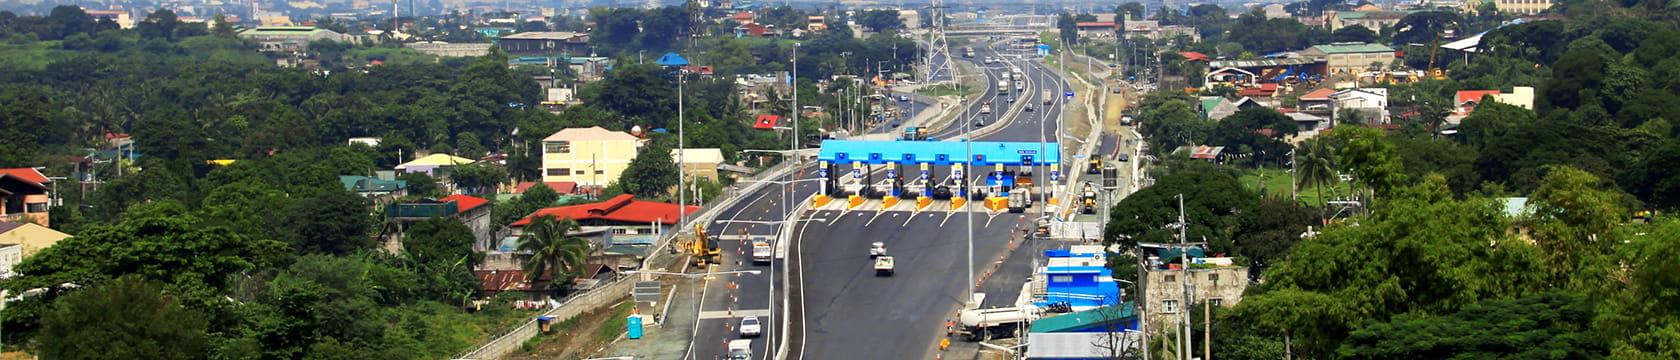 NLEX Philippines